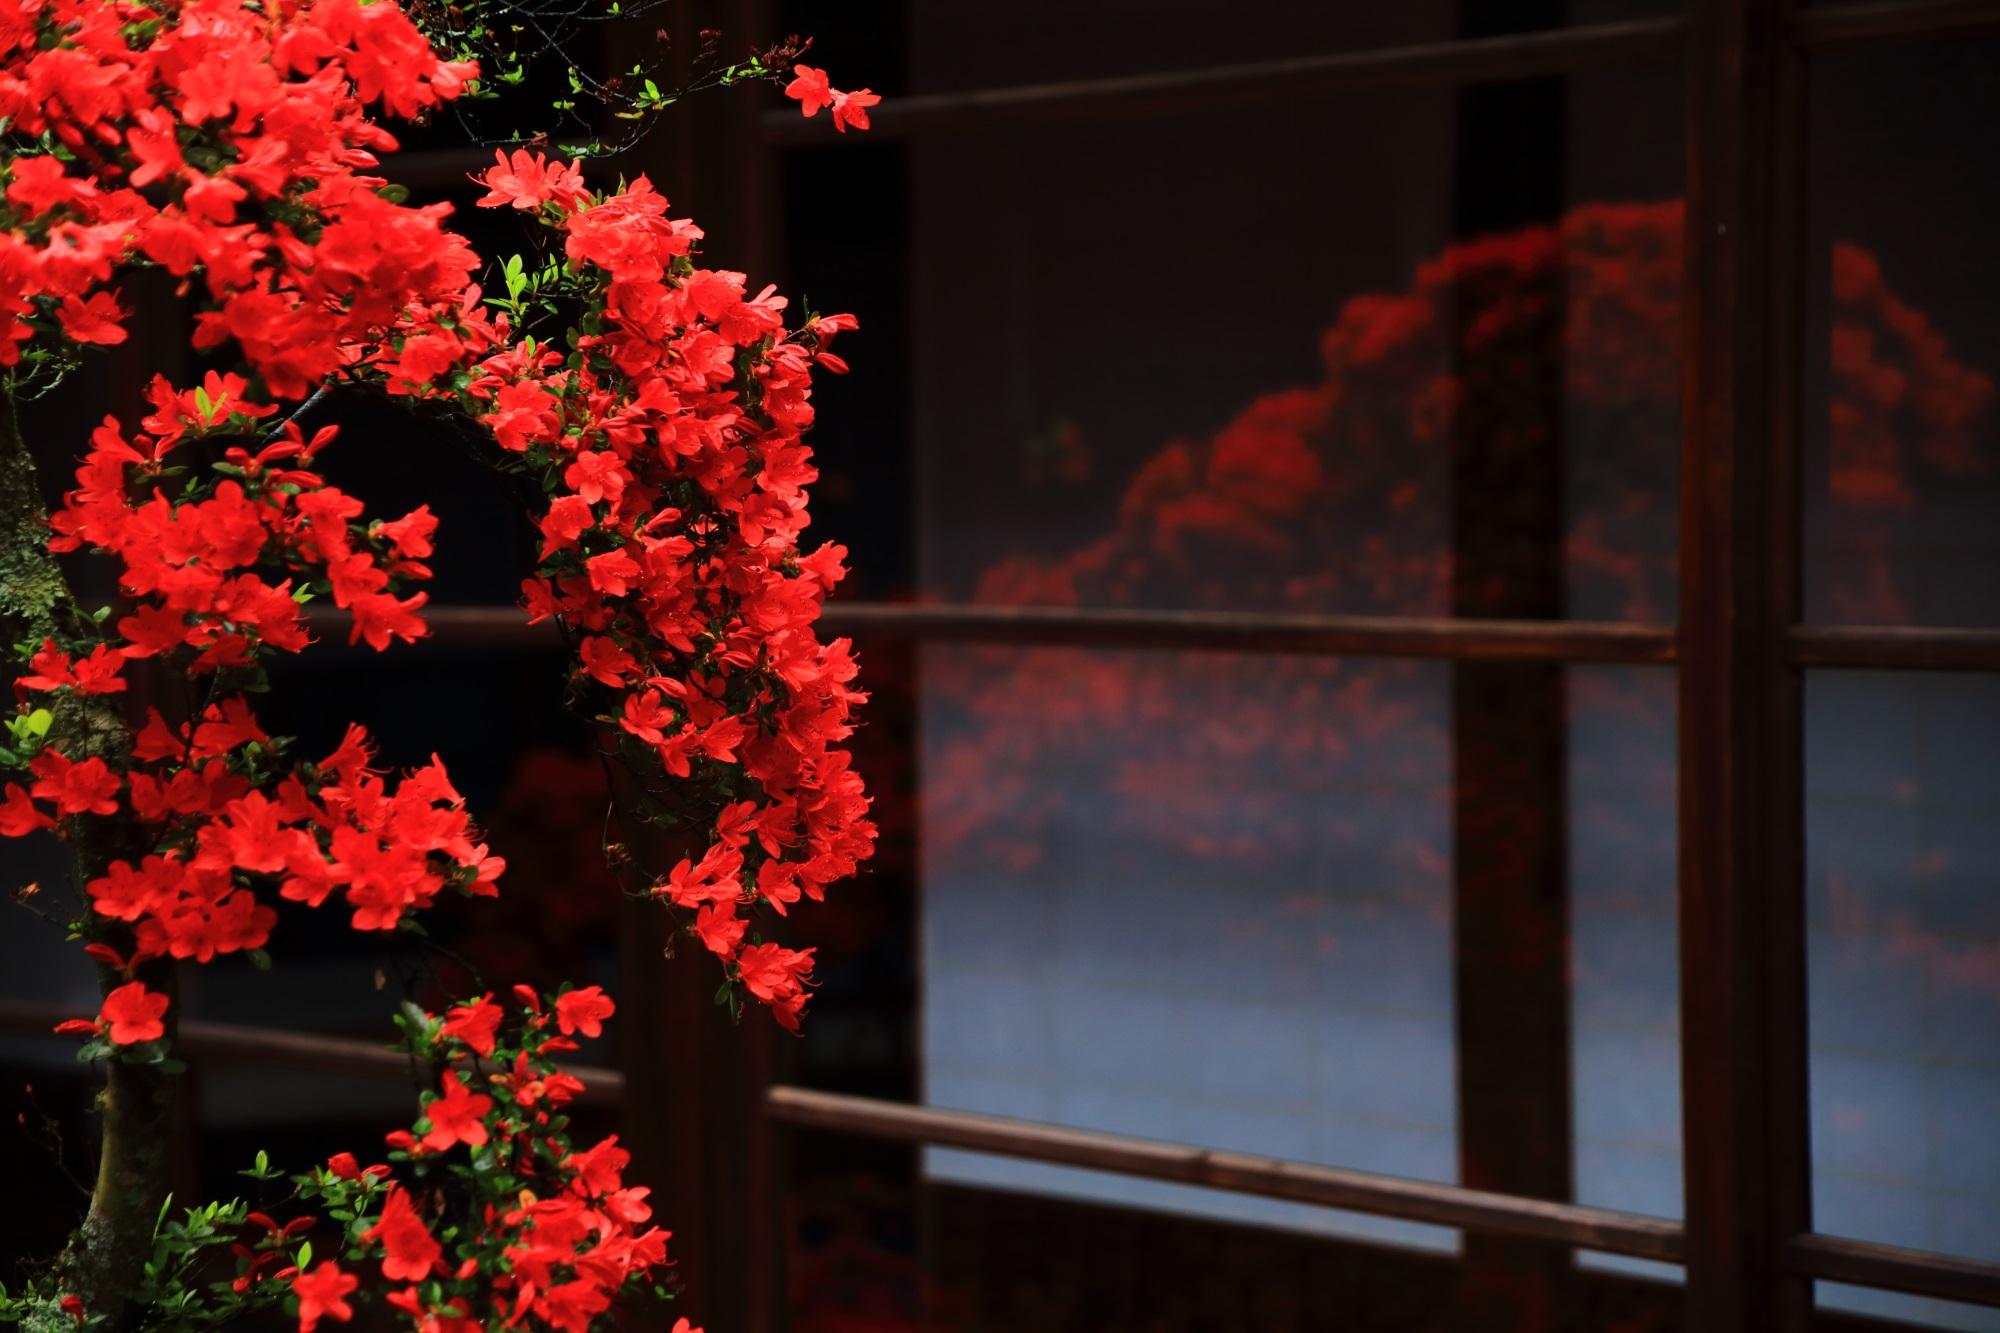 妙心寺大心院のガラスに映るキリシマツツジ